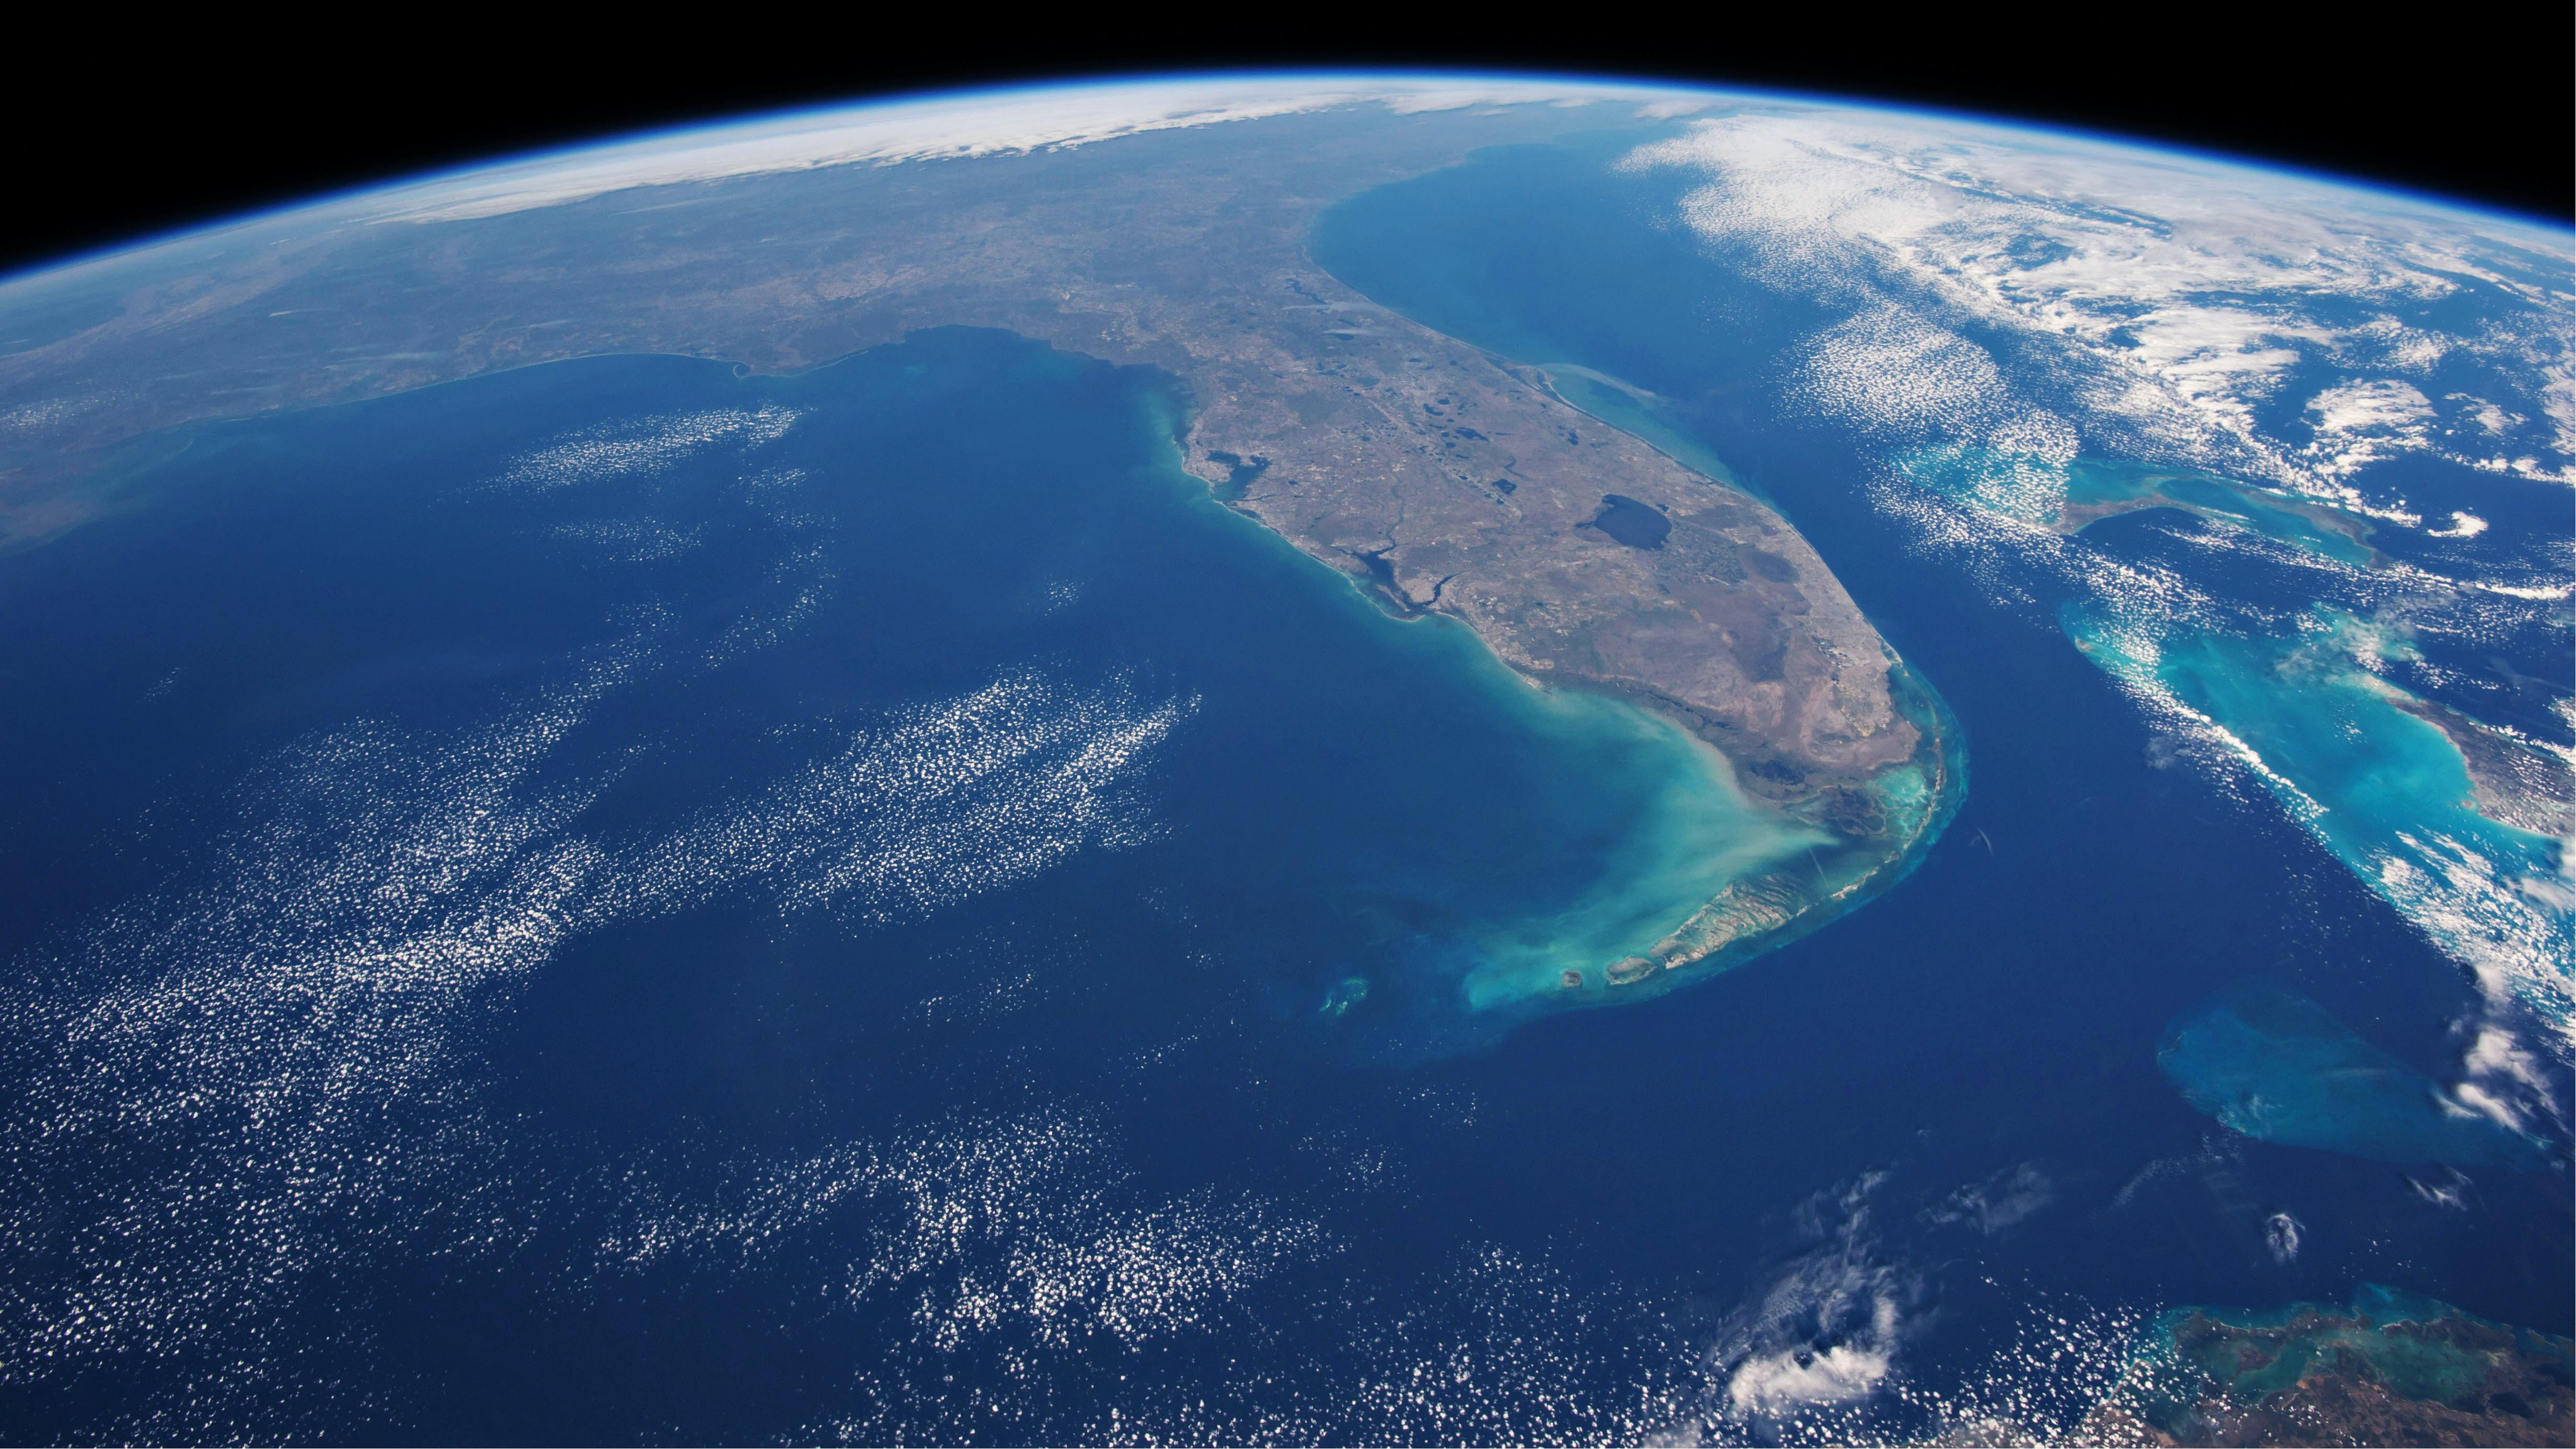 Hình nền trái đất đẹp nhất